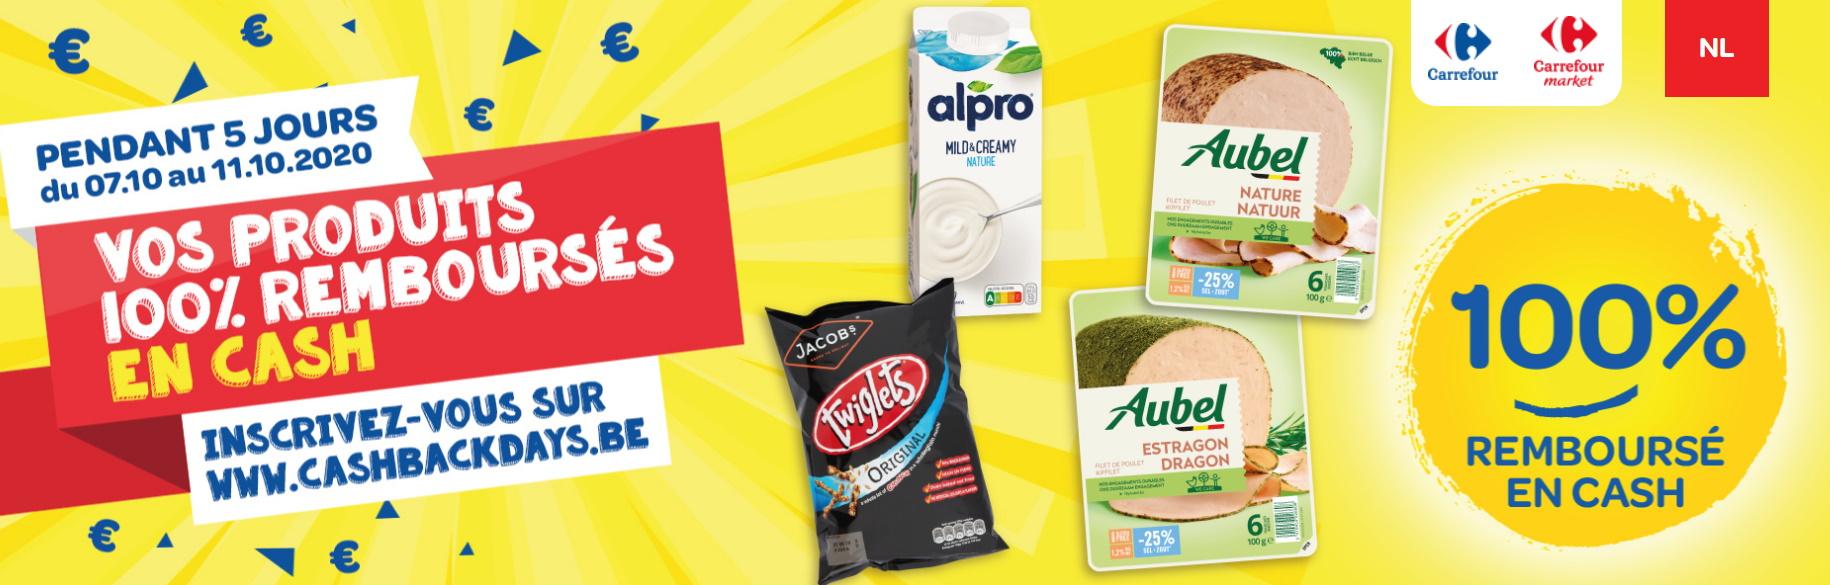 Produits 100% remboursé chez Carrefour avec les cashbackdays